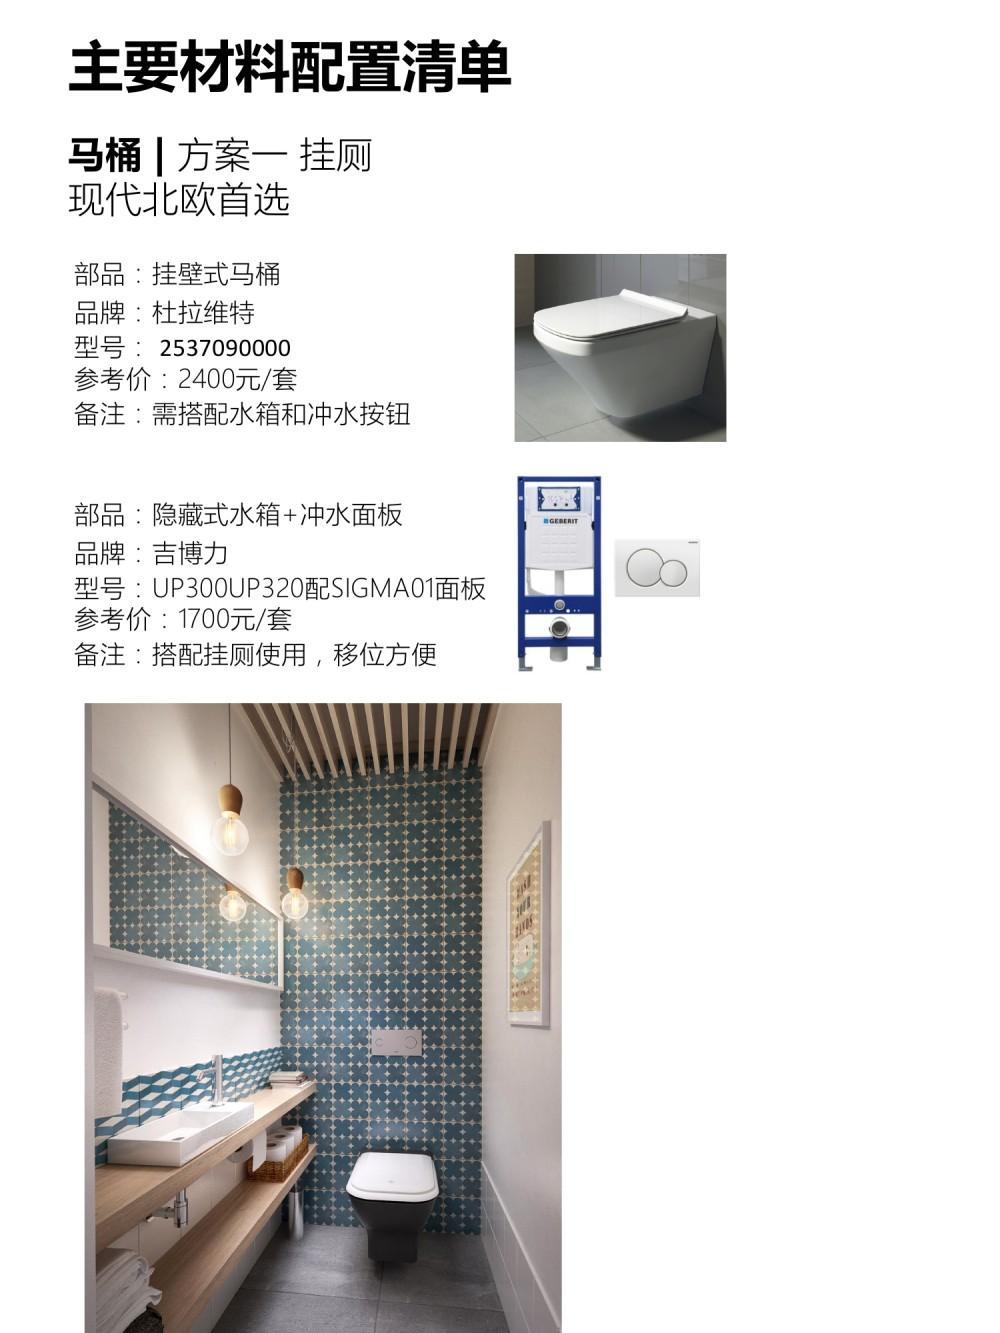 【指导手册】现代北欧风格DIY手册PDF+JPG 93P丨170M丨_20.jpg